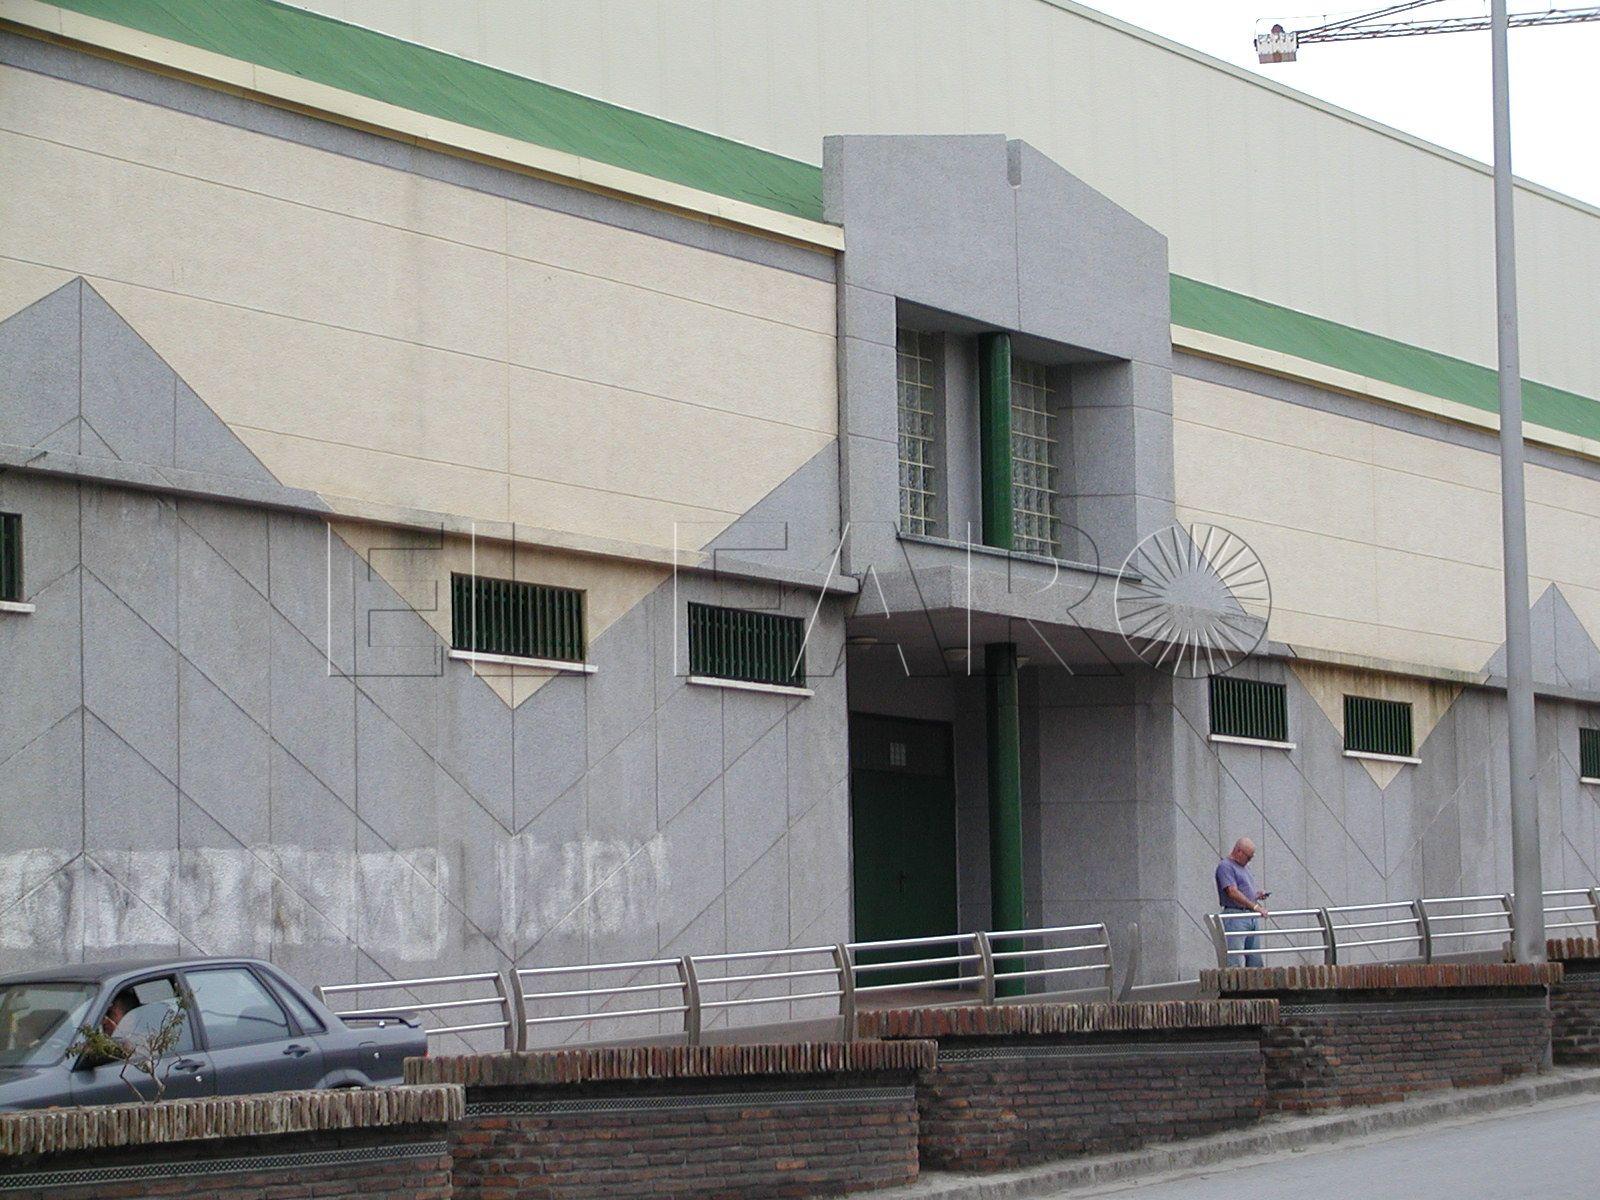 Denuncian la falta de rampas de acceso en el polideportivo Campoamor